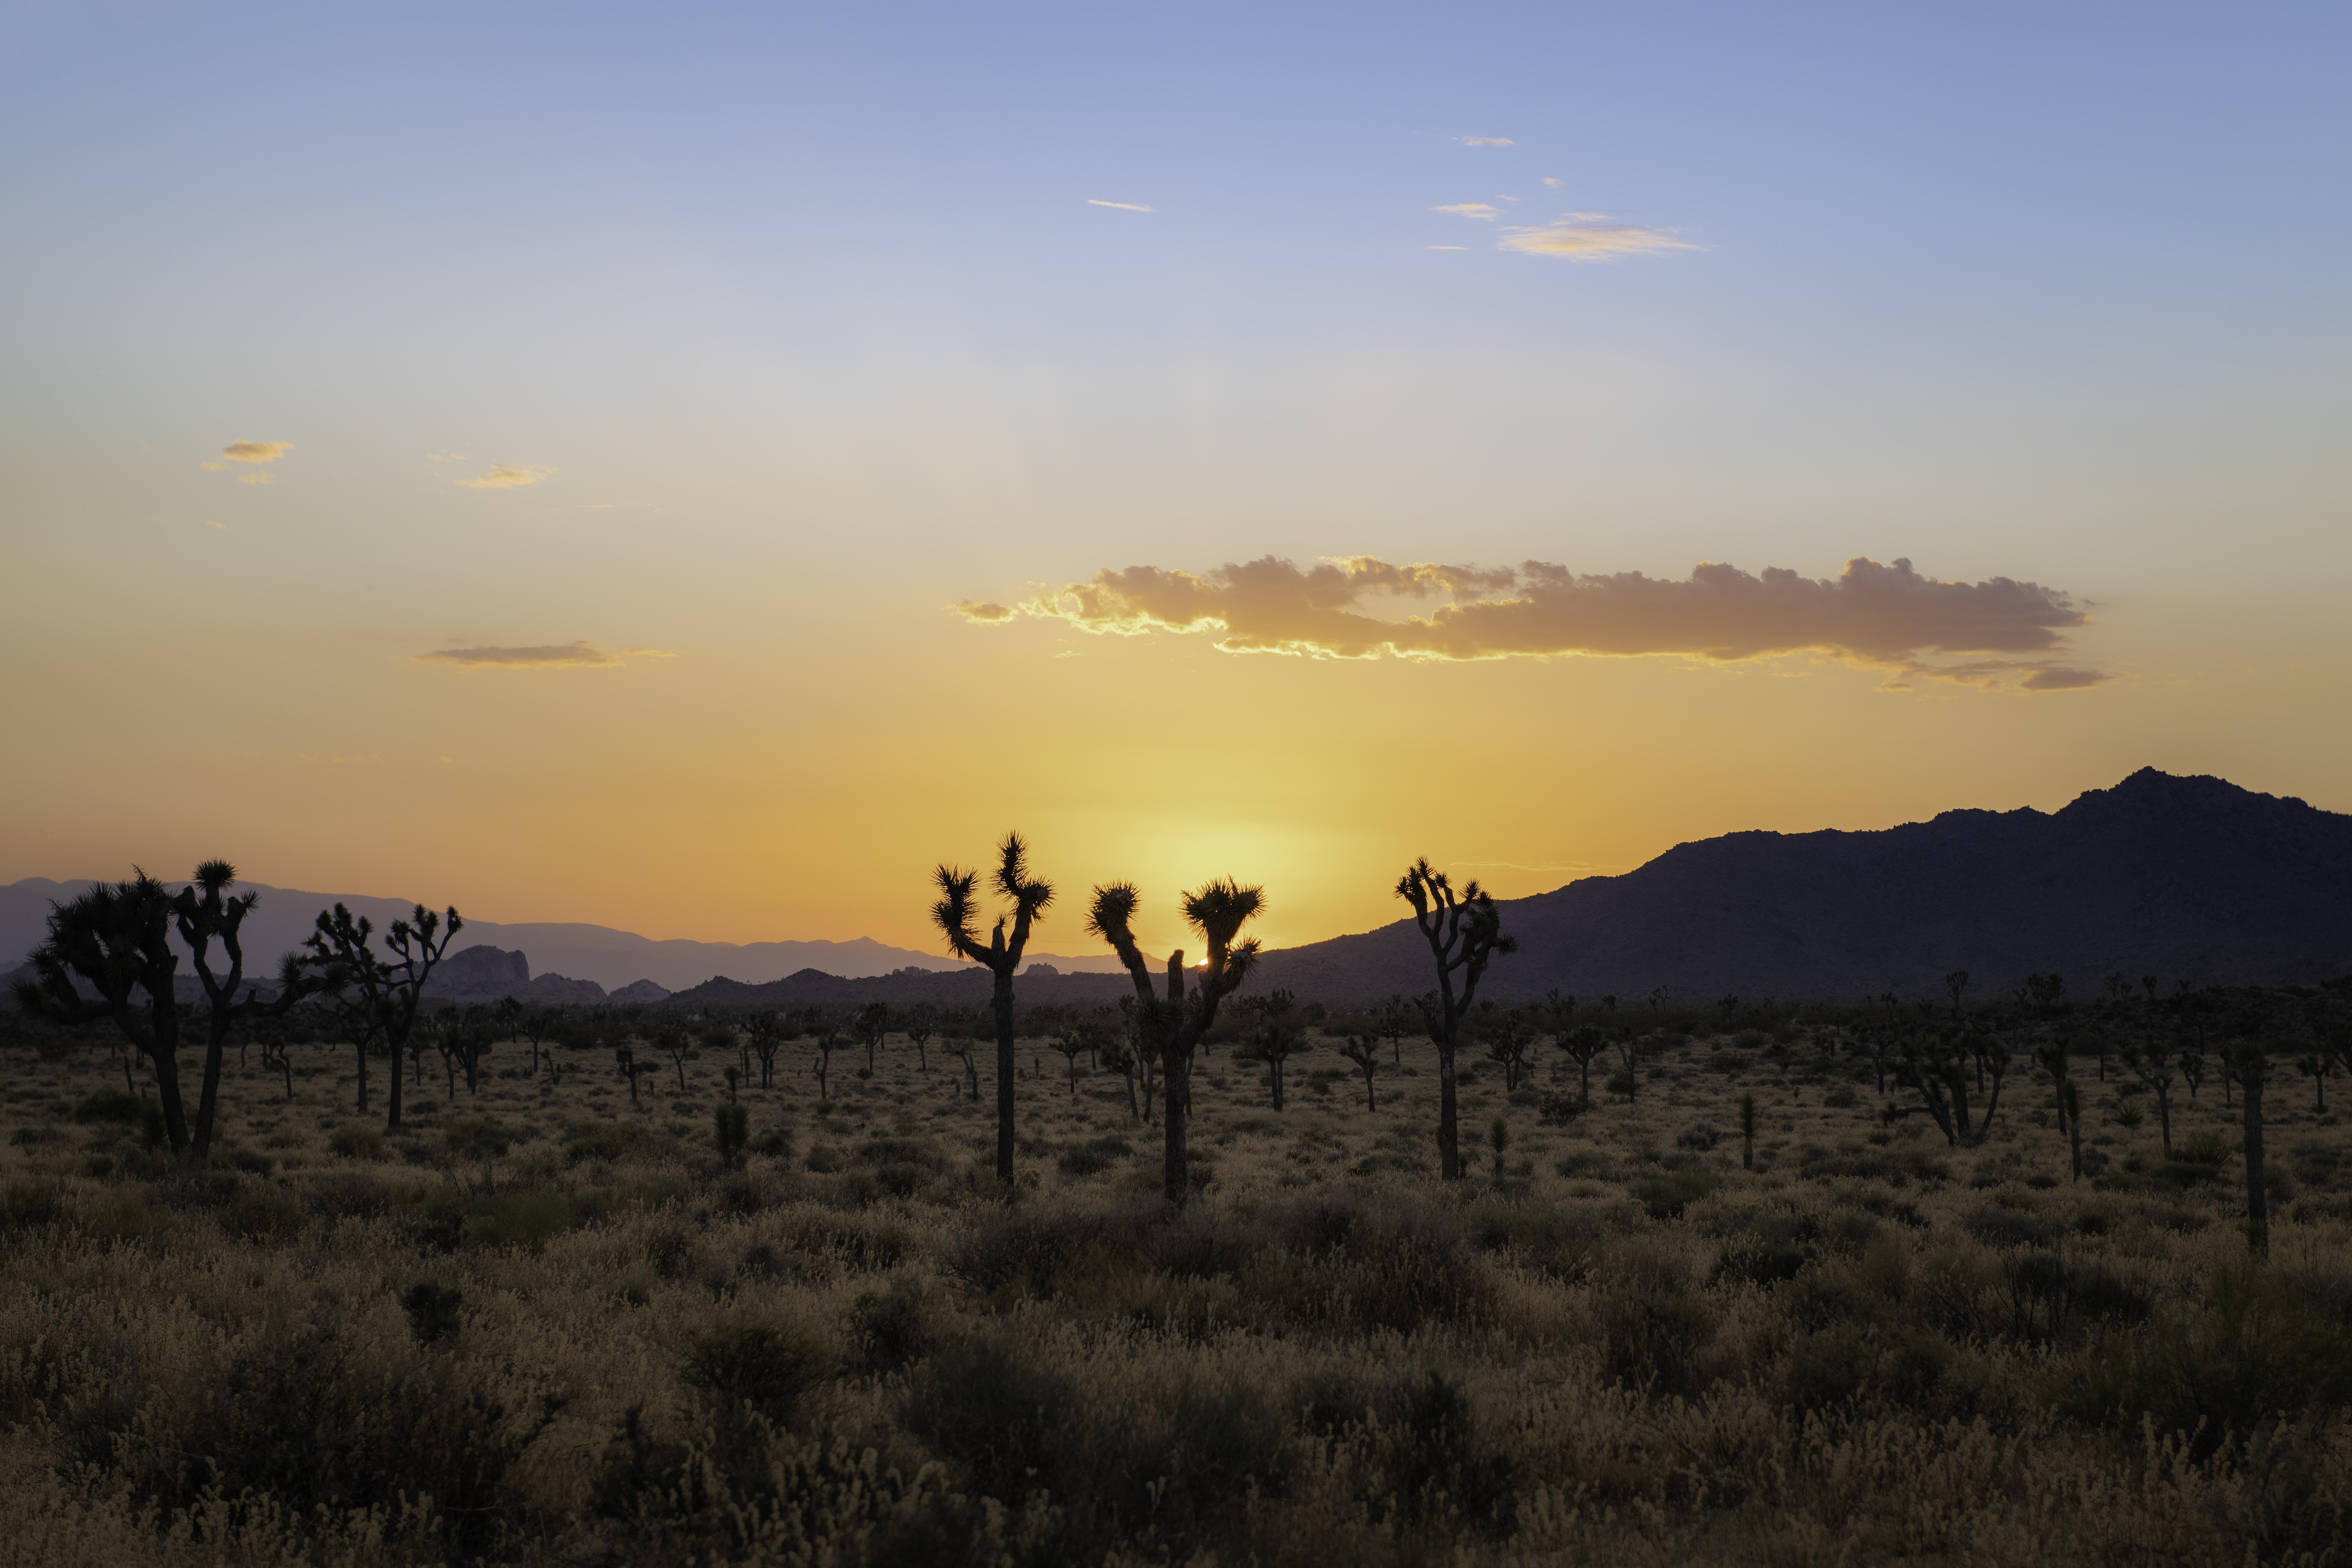 153400 Заставки и Обои Кактусы на телефон. Скачать Природа, Кактусы, Закат, Горы, Пустыня картинки бесплатно